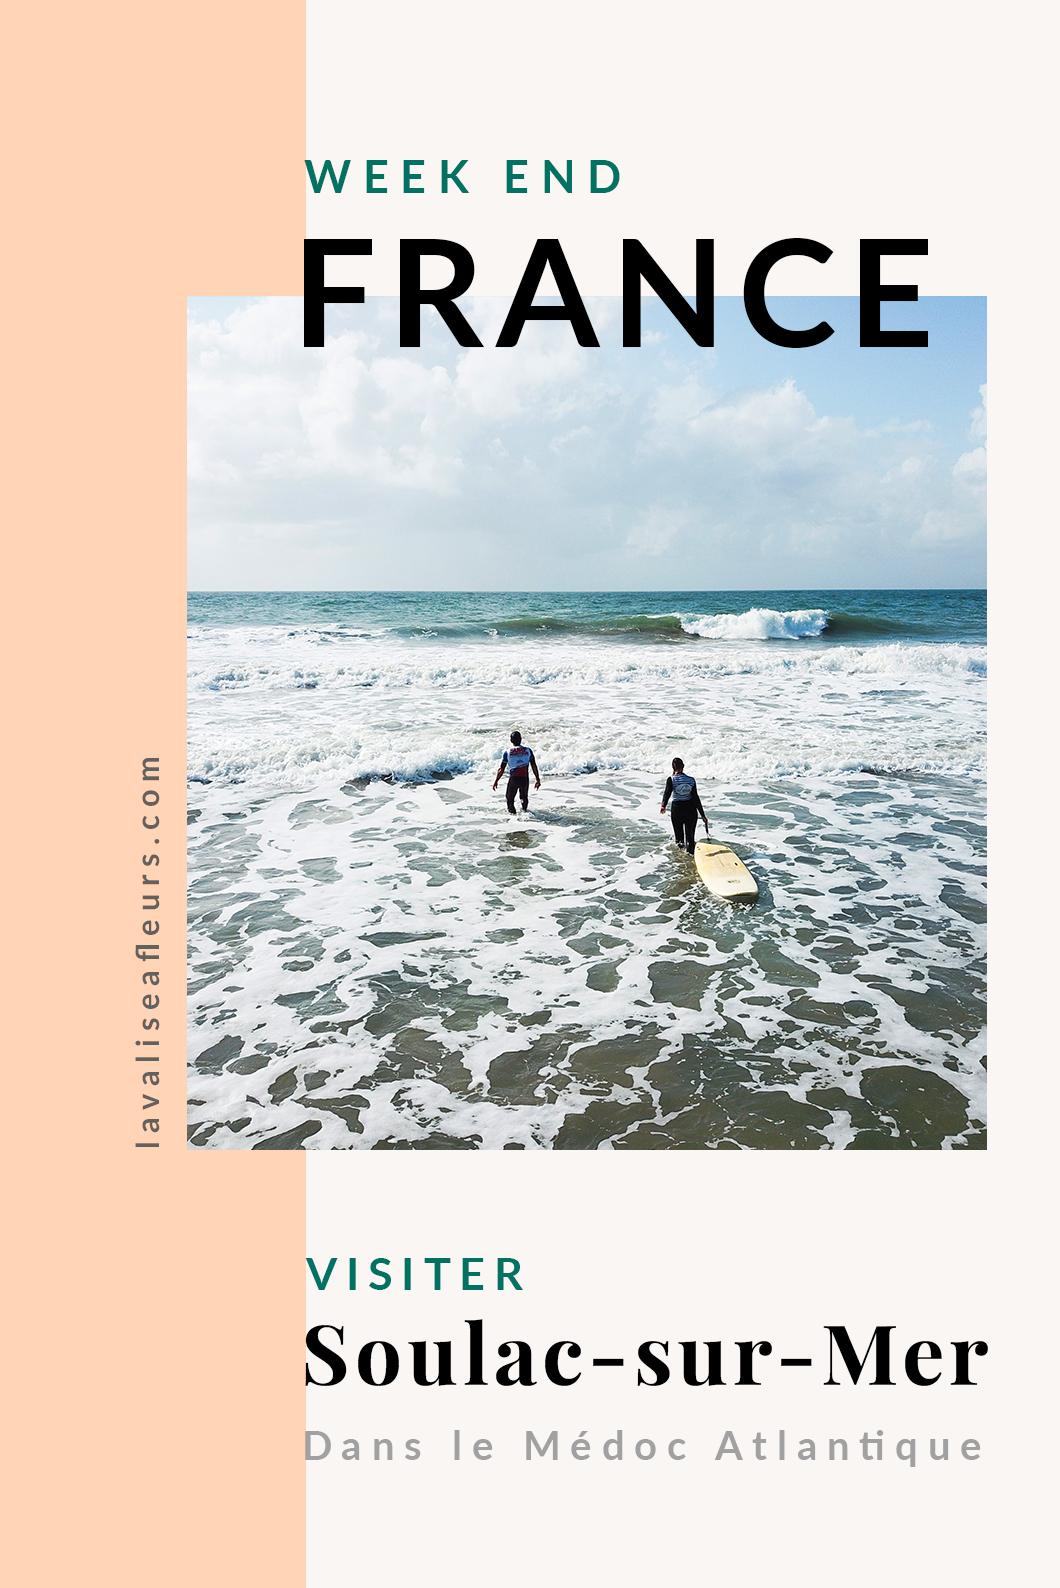 Visiter Soulac-sur-Mer dans le Médoc Atlantique